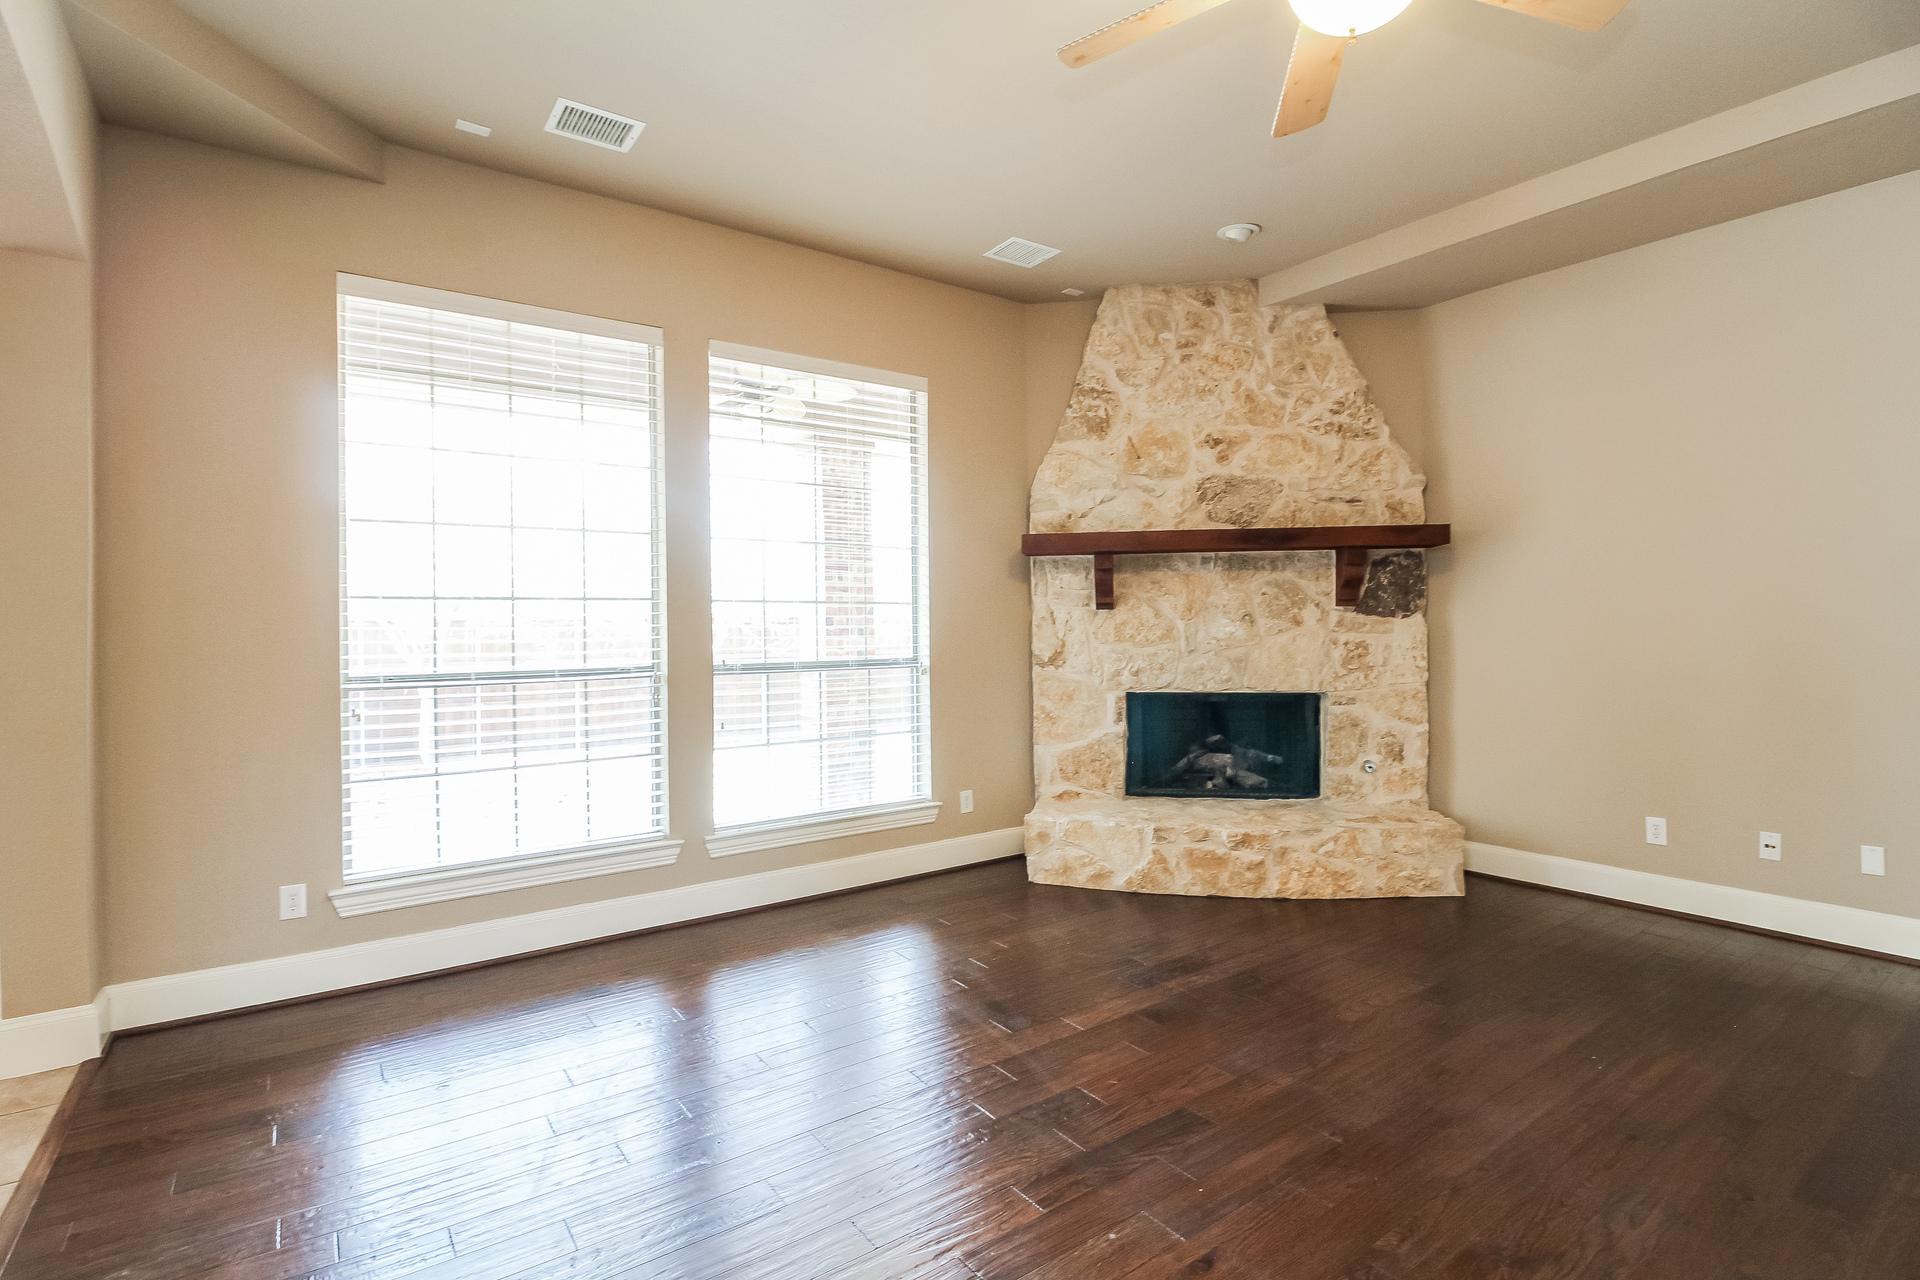 Photo of 11777 Estacado Drive, Frisco, TX, 75033